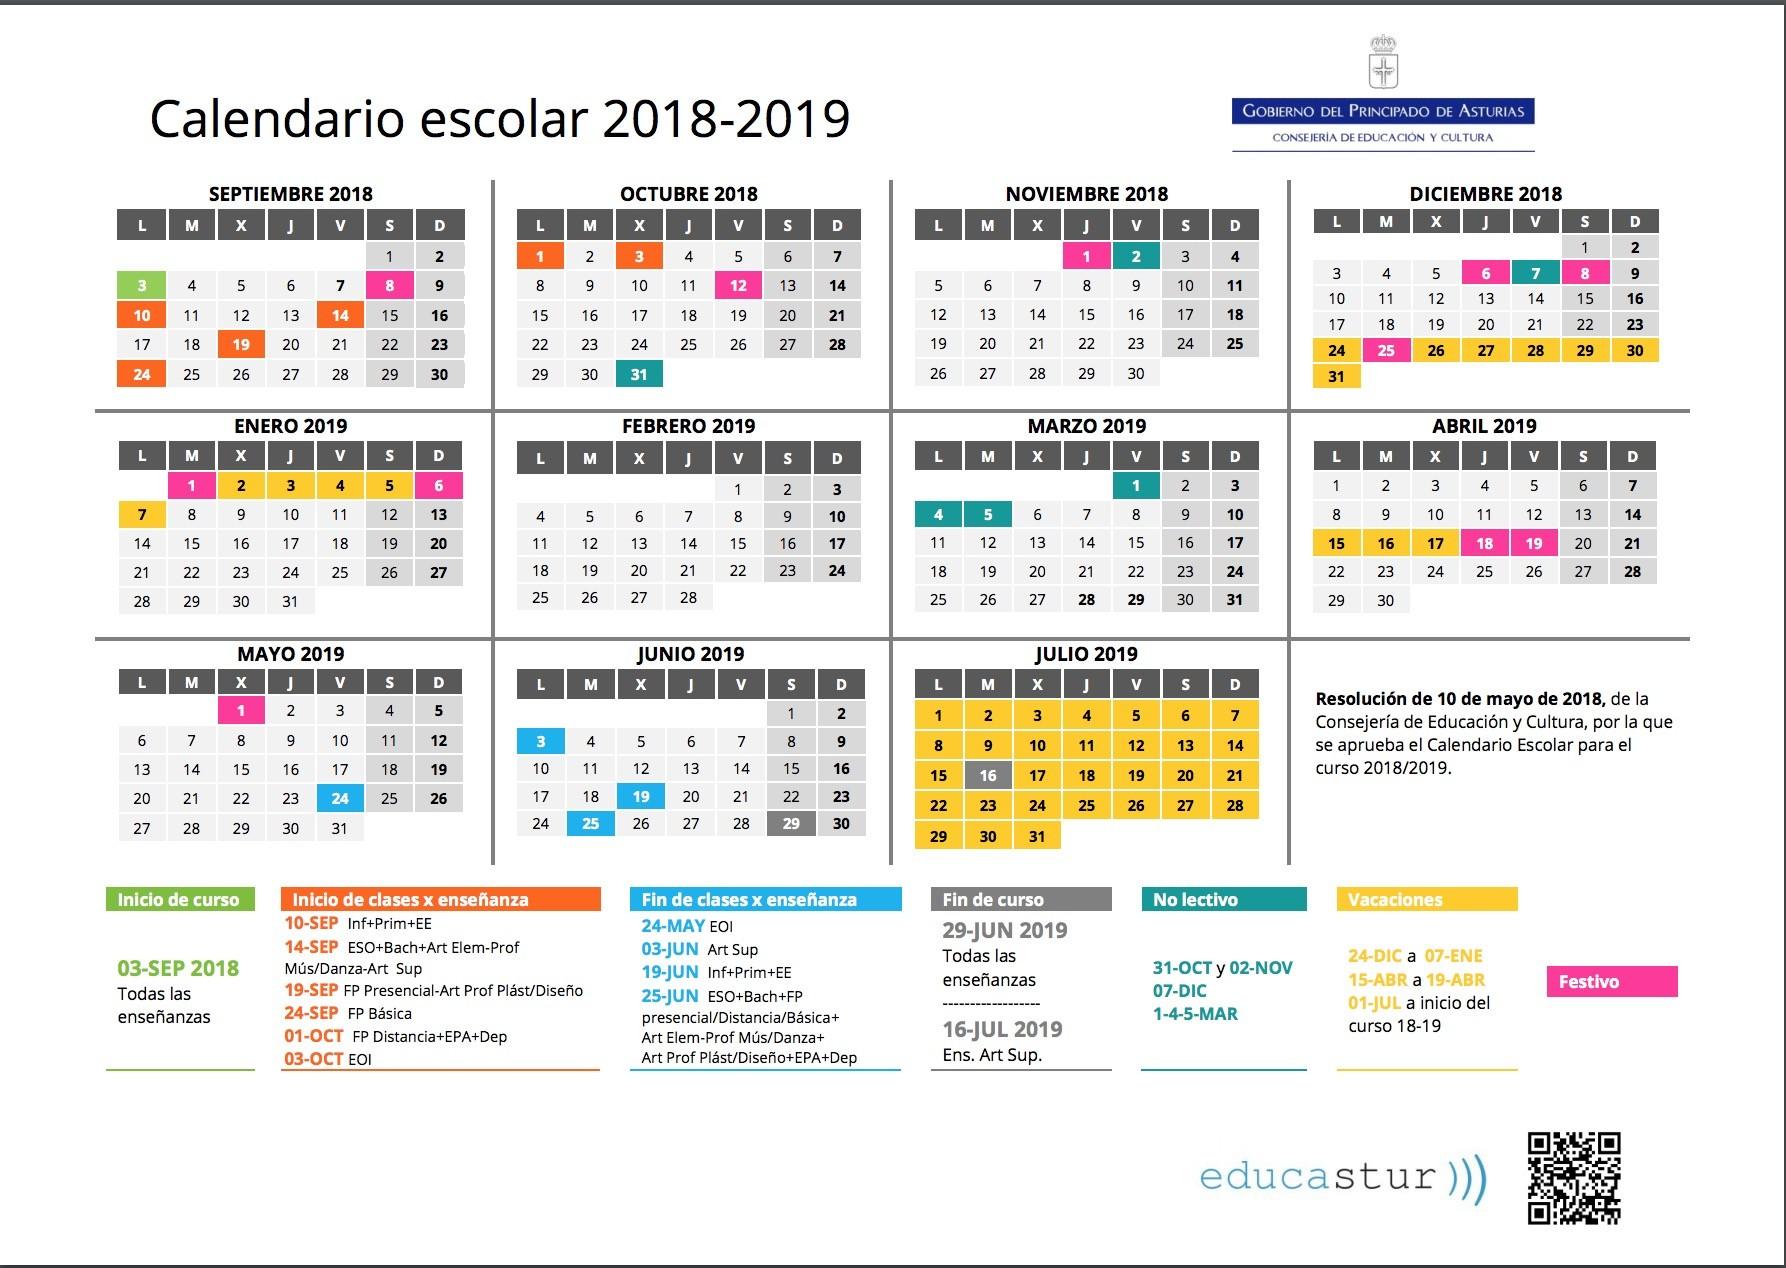 Calendario Escolar 2019 Gijon Más Recientes El Centro Alojaweb Of Calendario Escolar 2019 Gijon Más Arriba-a-fecha Ayudas Edor 2018 2019 Lujo Admisiones – solo Otra Idea De Imagen